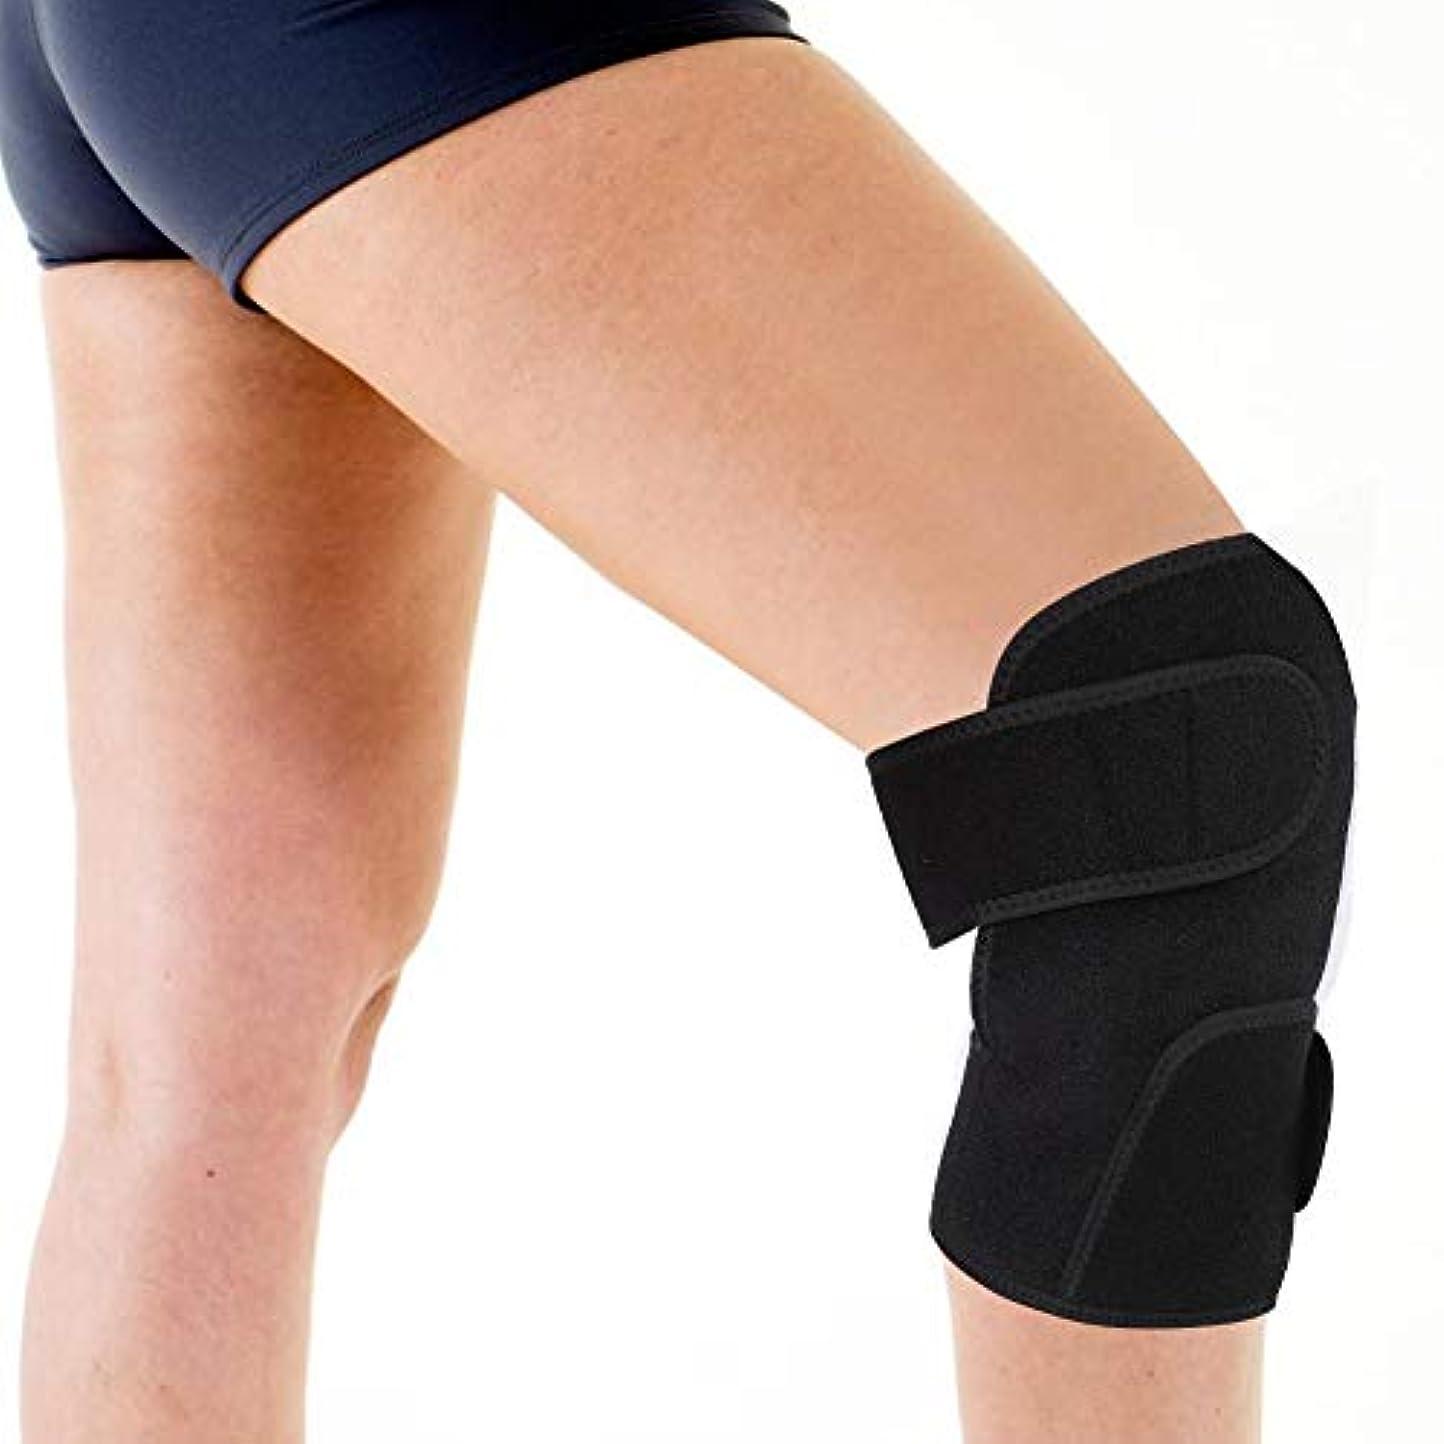 紛争自動車人道的加熱膝パッド、電熱膝ブレース加熱保温のための柔軟な機動性を備えた鎮痛膝サポートコンプレッサー